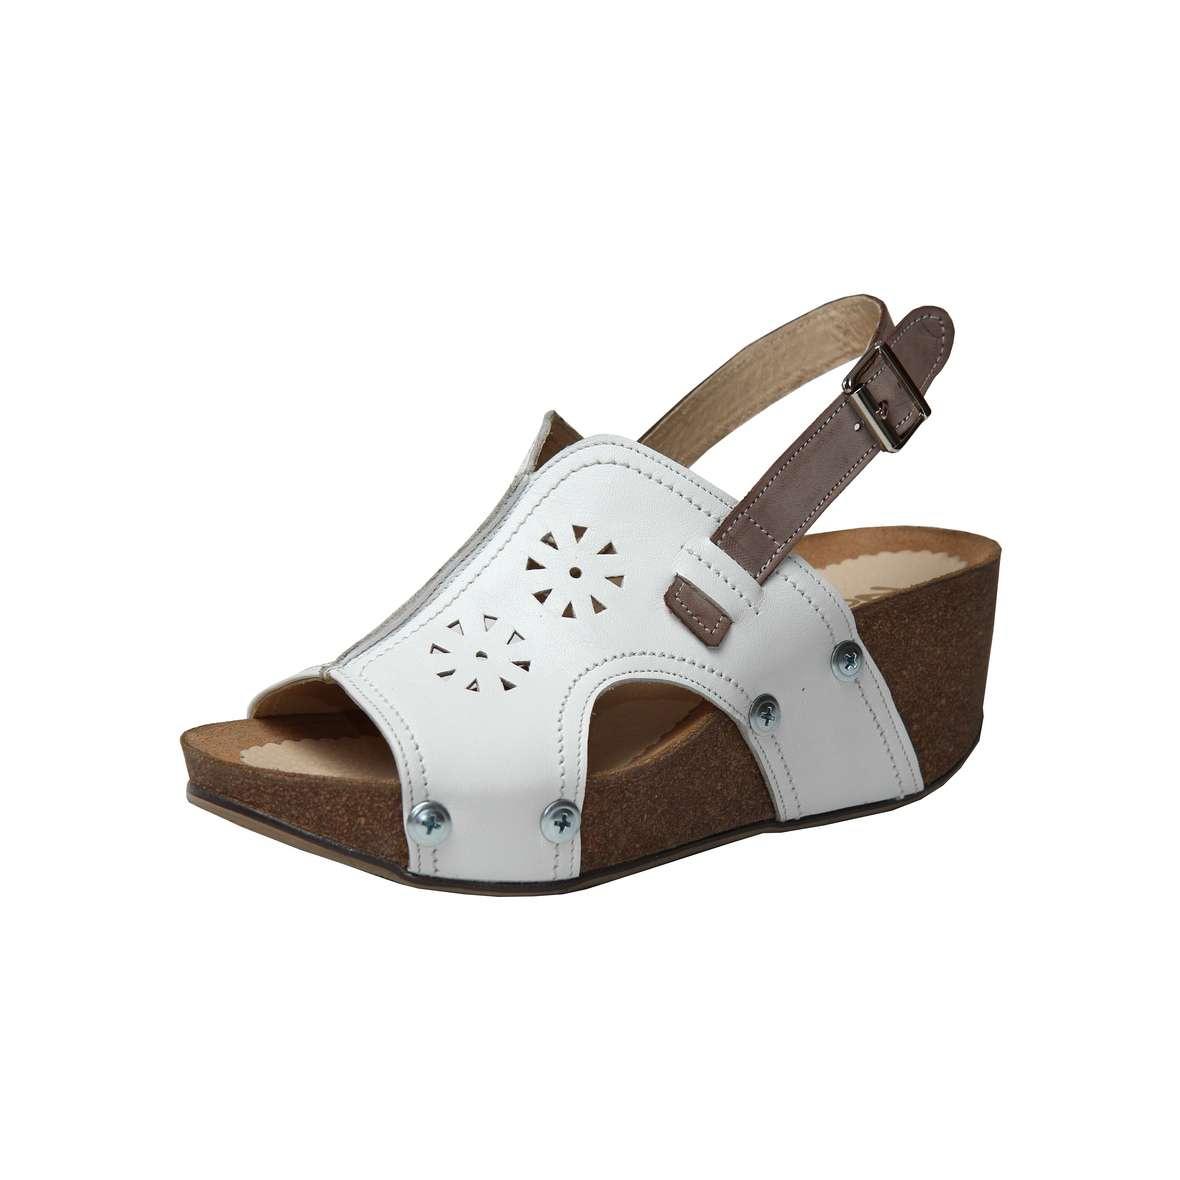 Dámská vycházková sandálka KN S103-5 - PEON ad04c68ab5